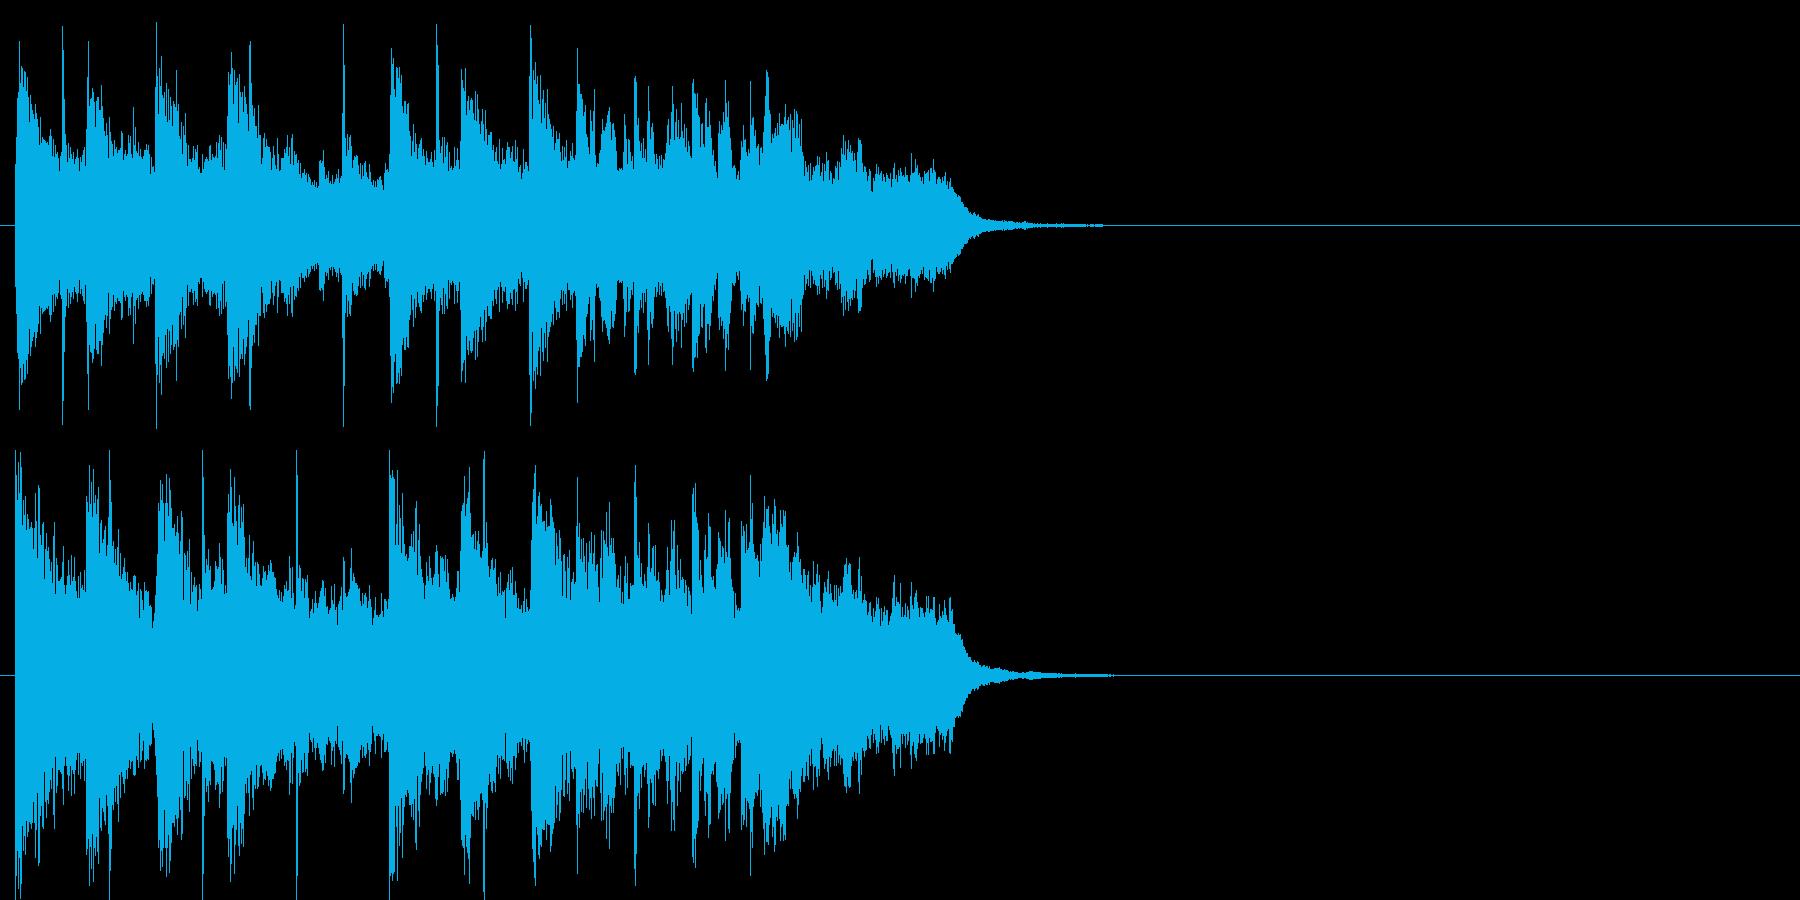 クイズ 報道 天気予報 発表 目覚めの再生済みの波形